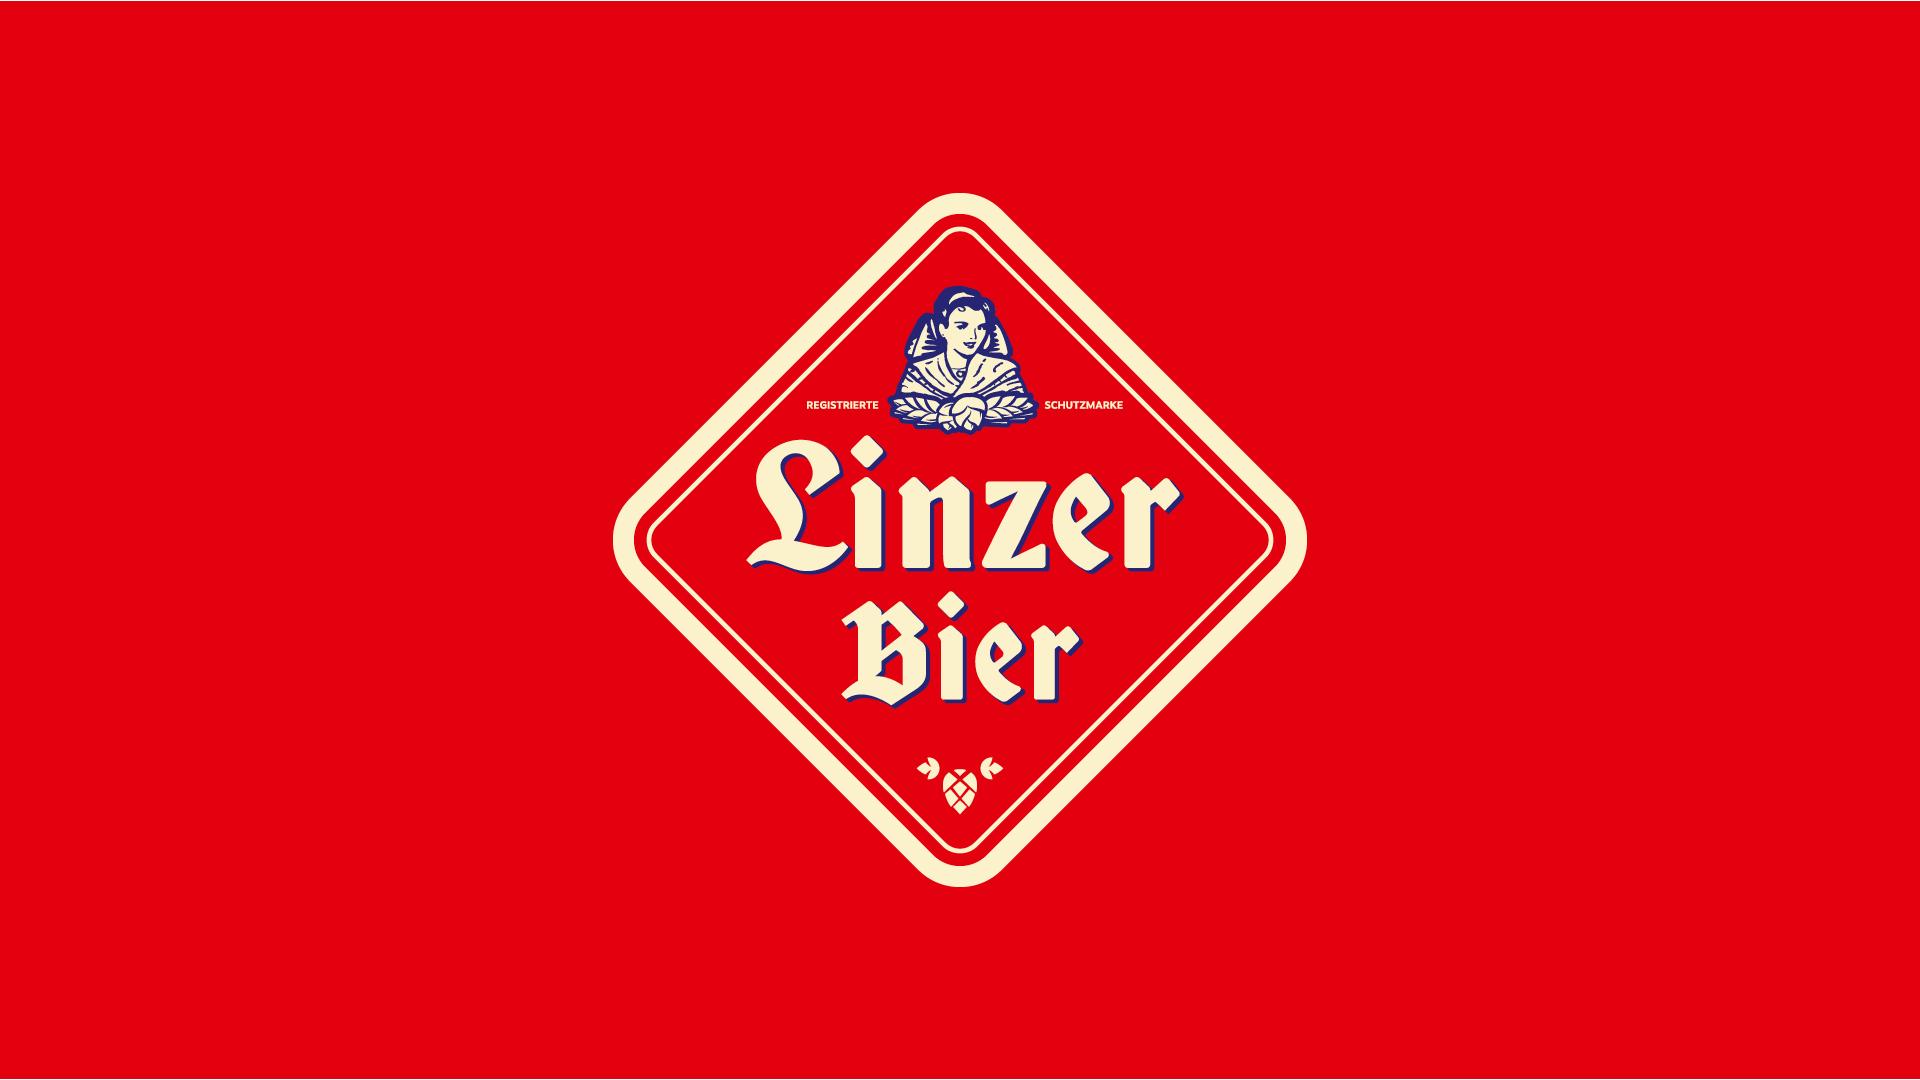 Ref Linzer Bier 1 Header